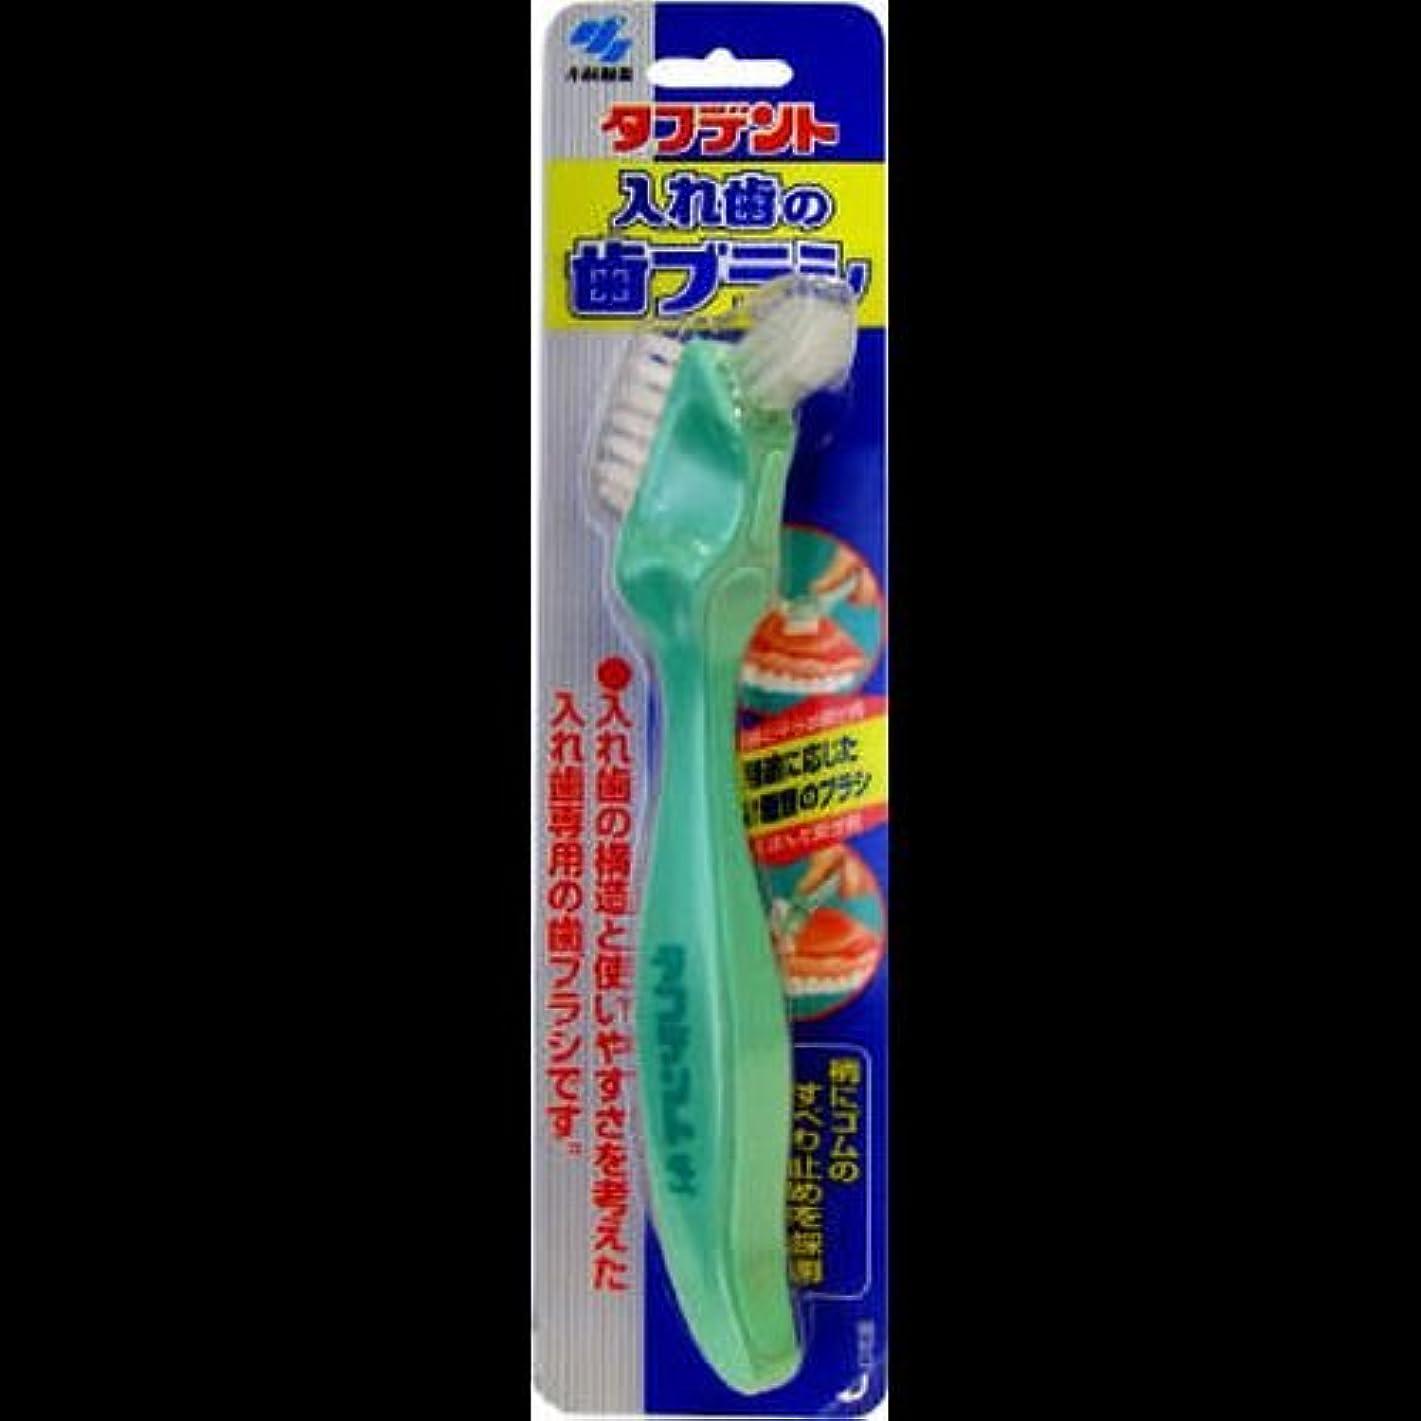 コントラスト悲惨ミシンタフデント入れ歯の歯ブラシ 1本 ×2セット